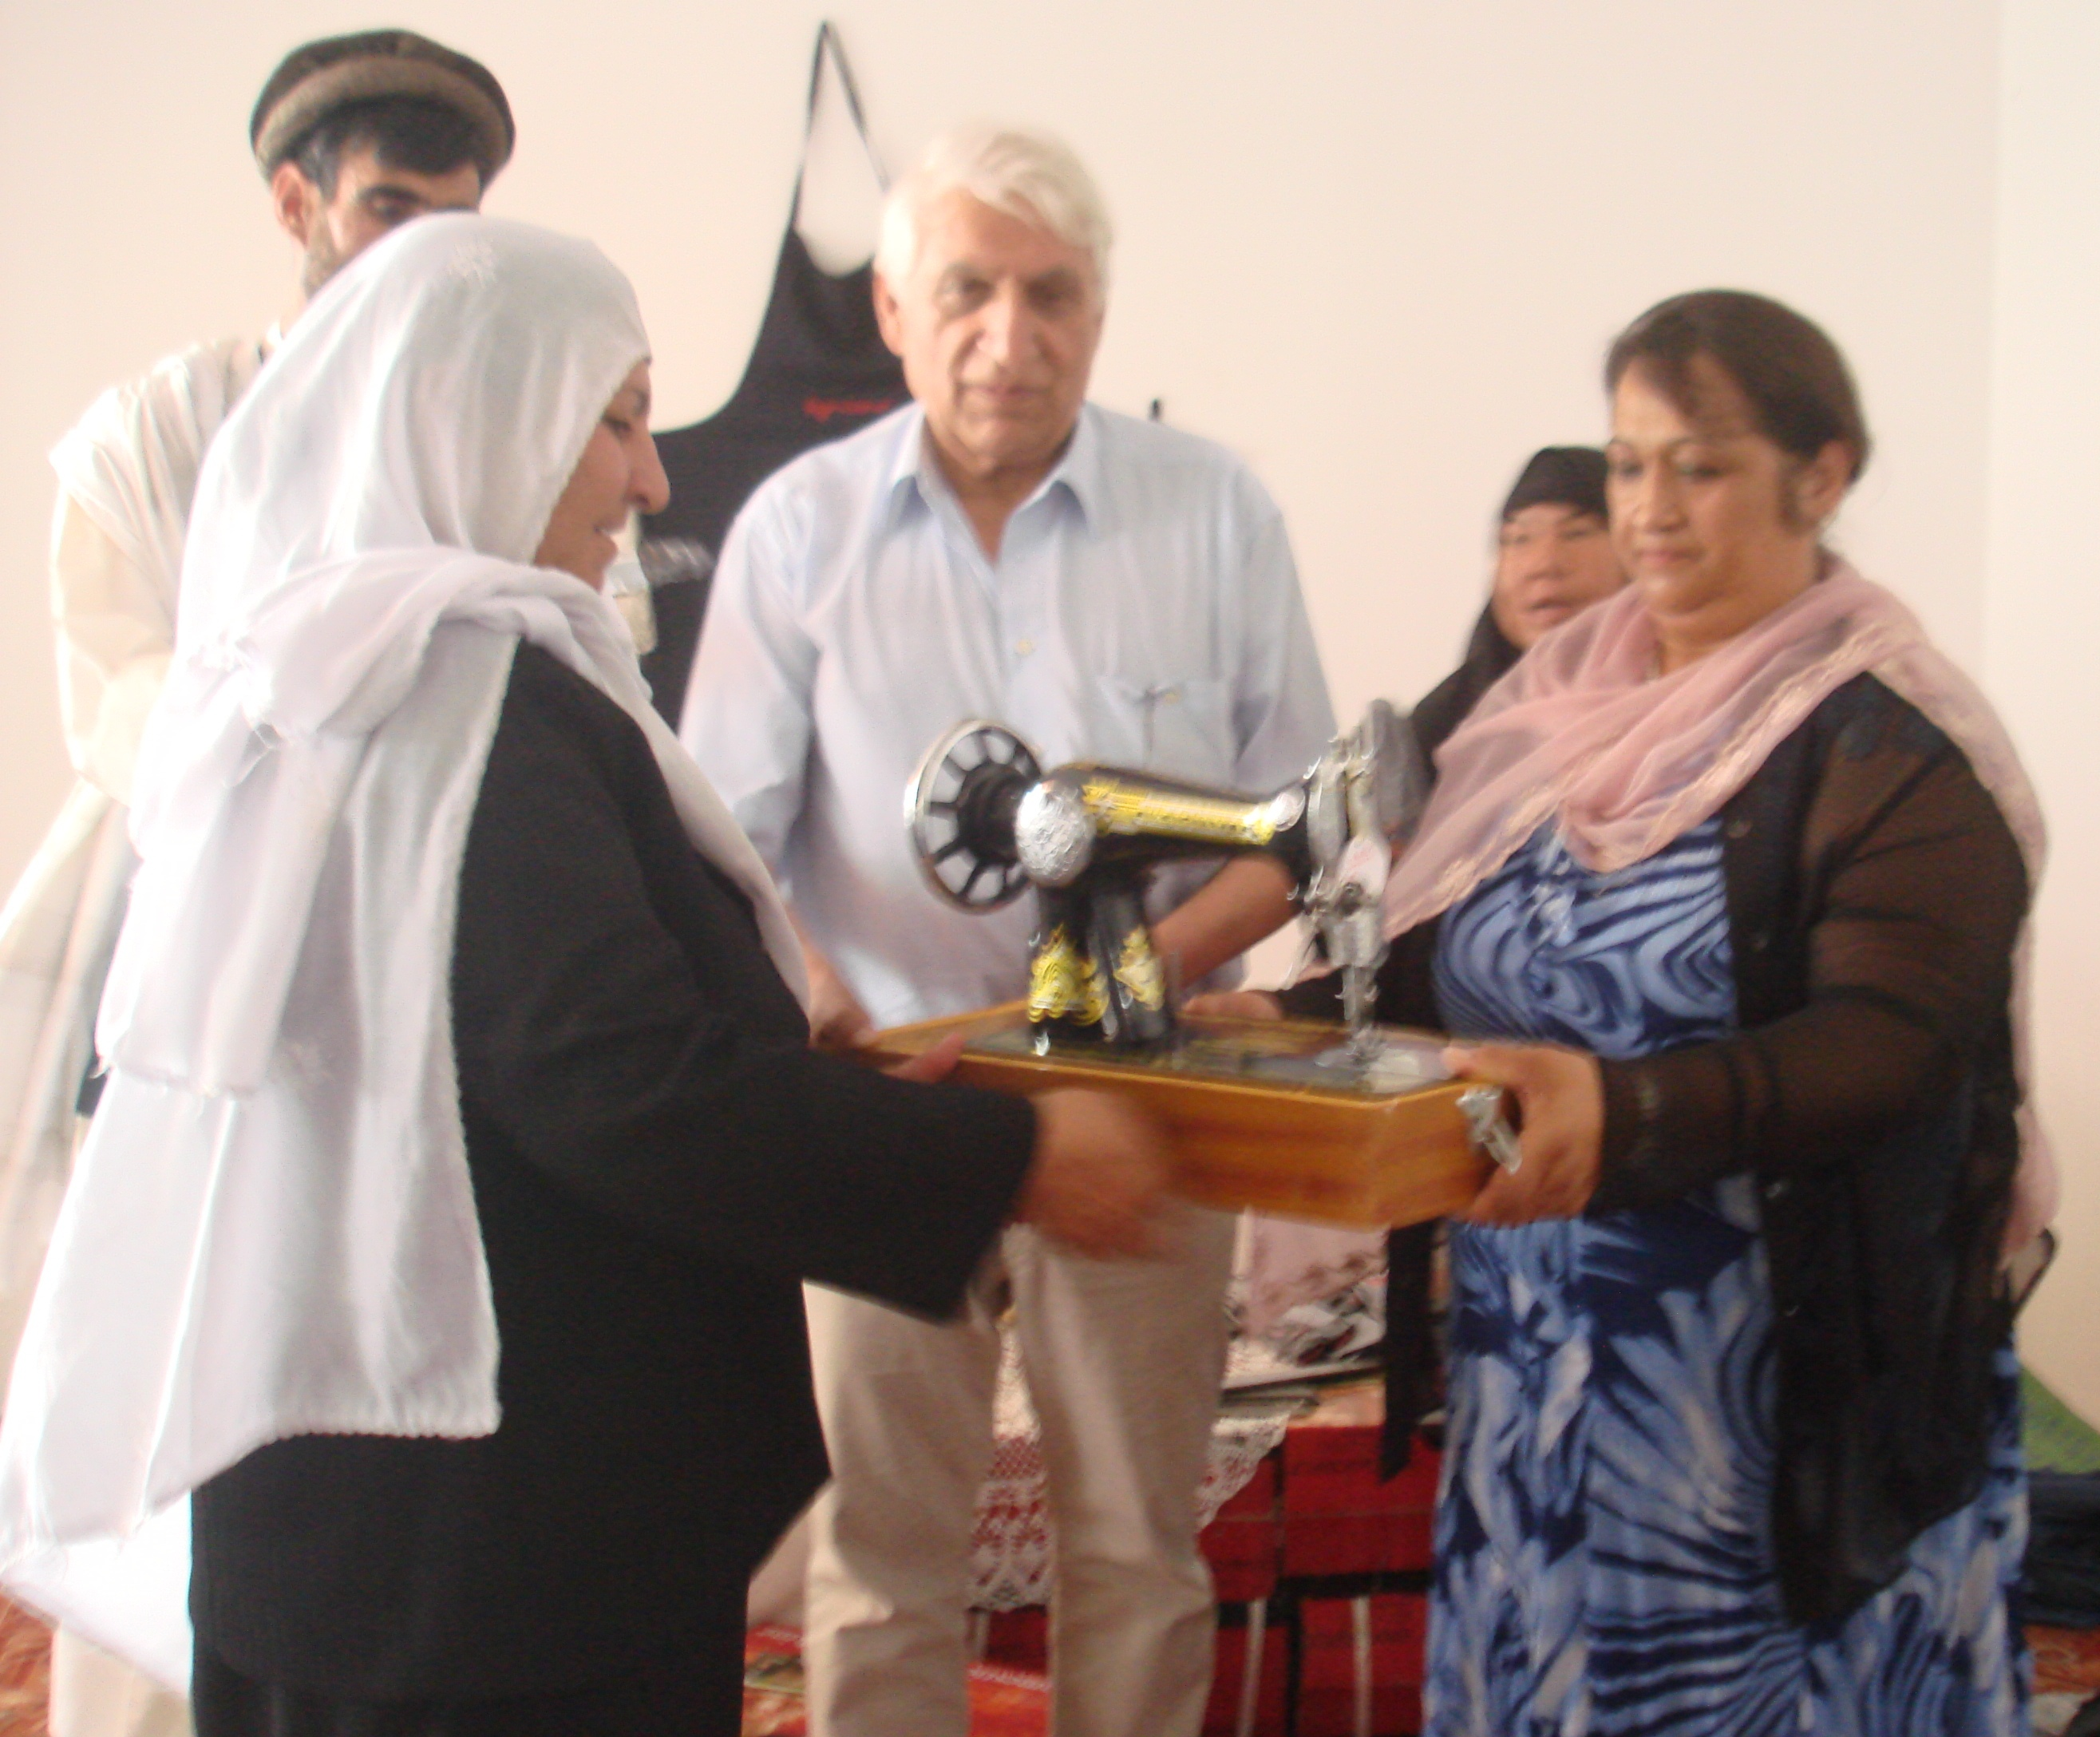 Nähmaschinen für das Frauenbildungszentraum